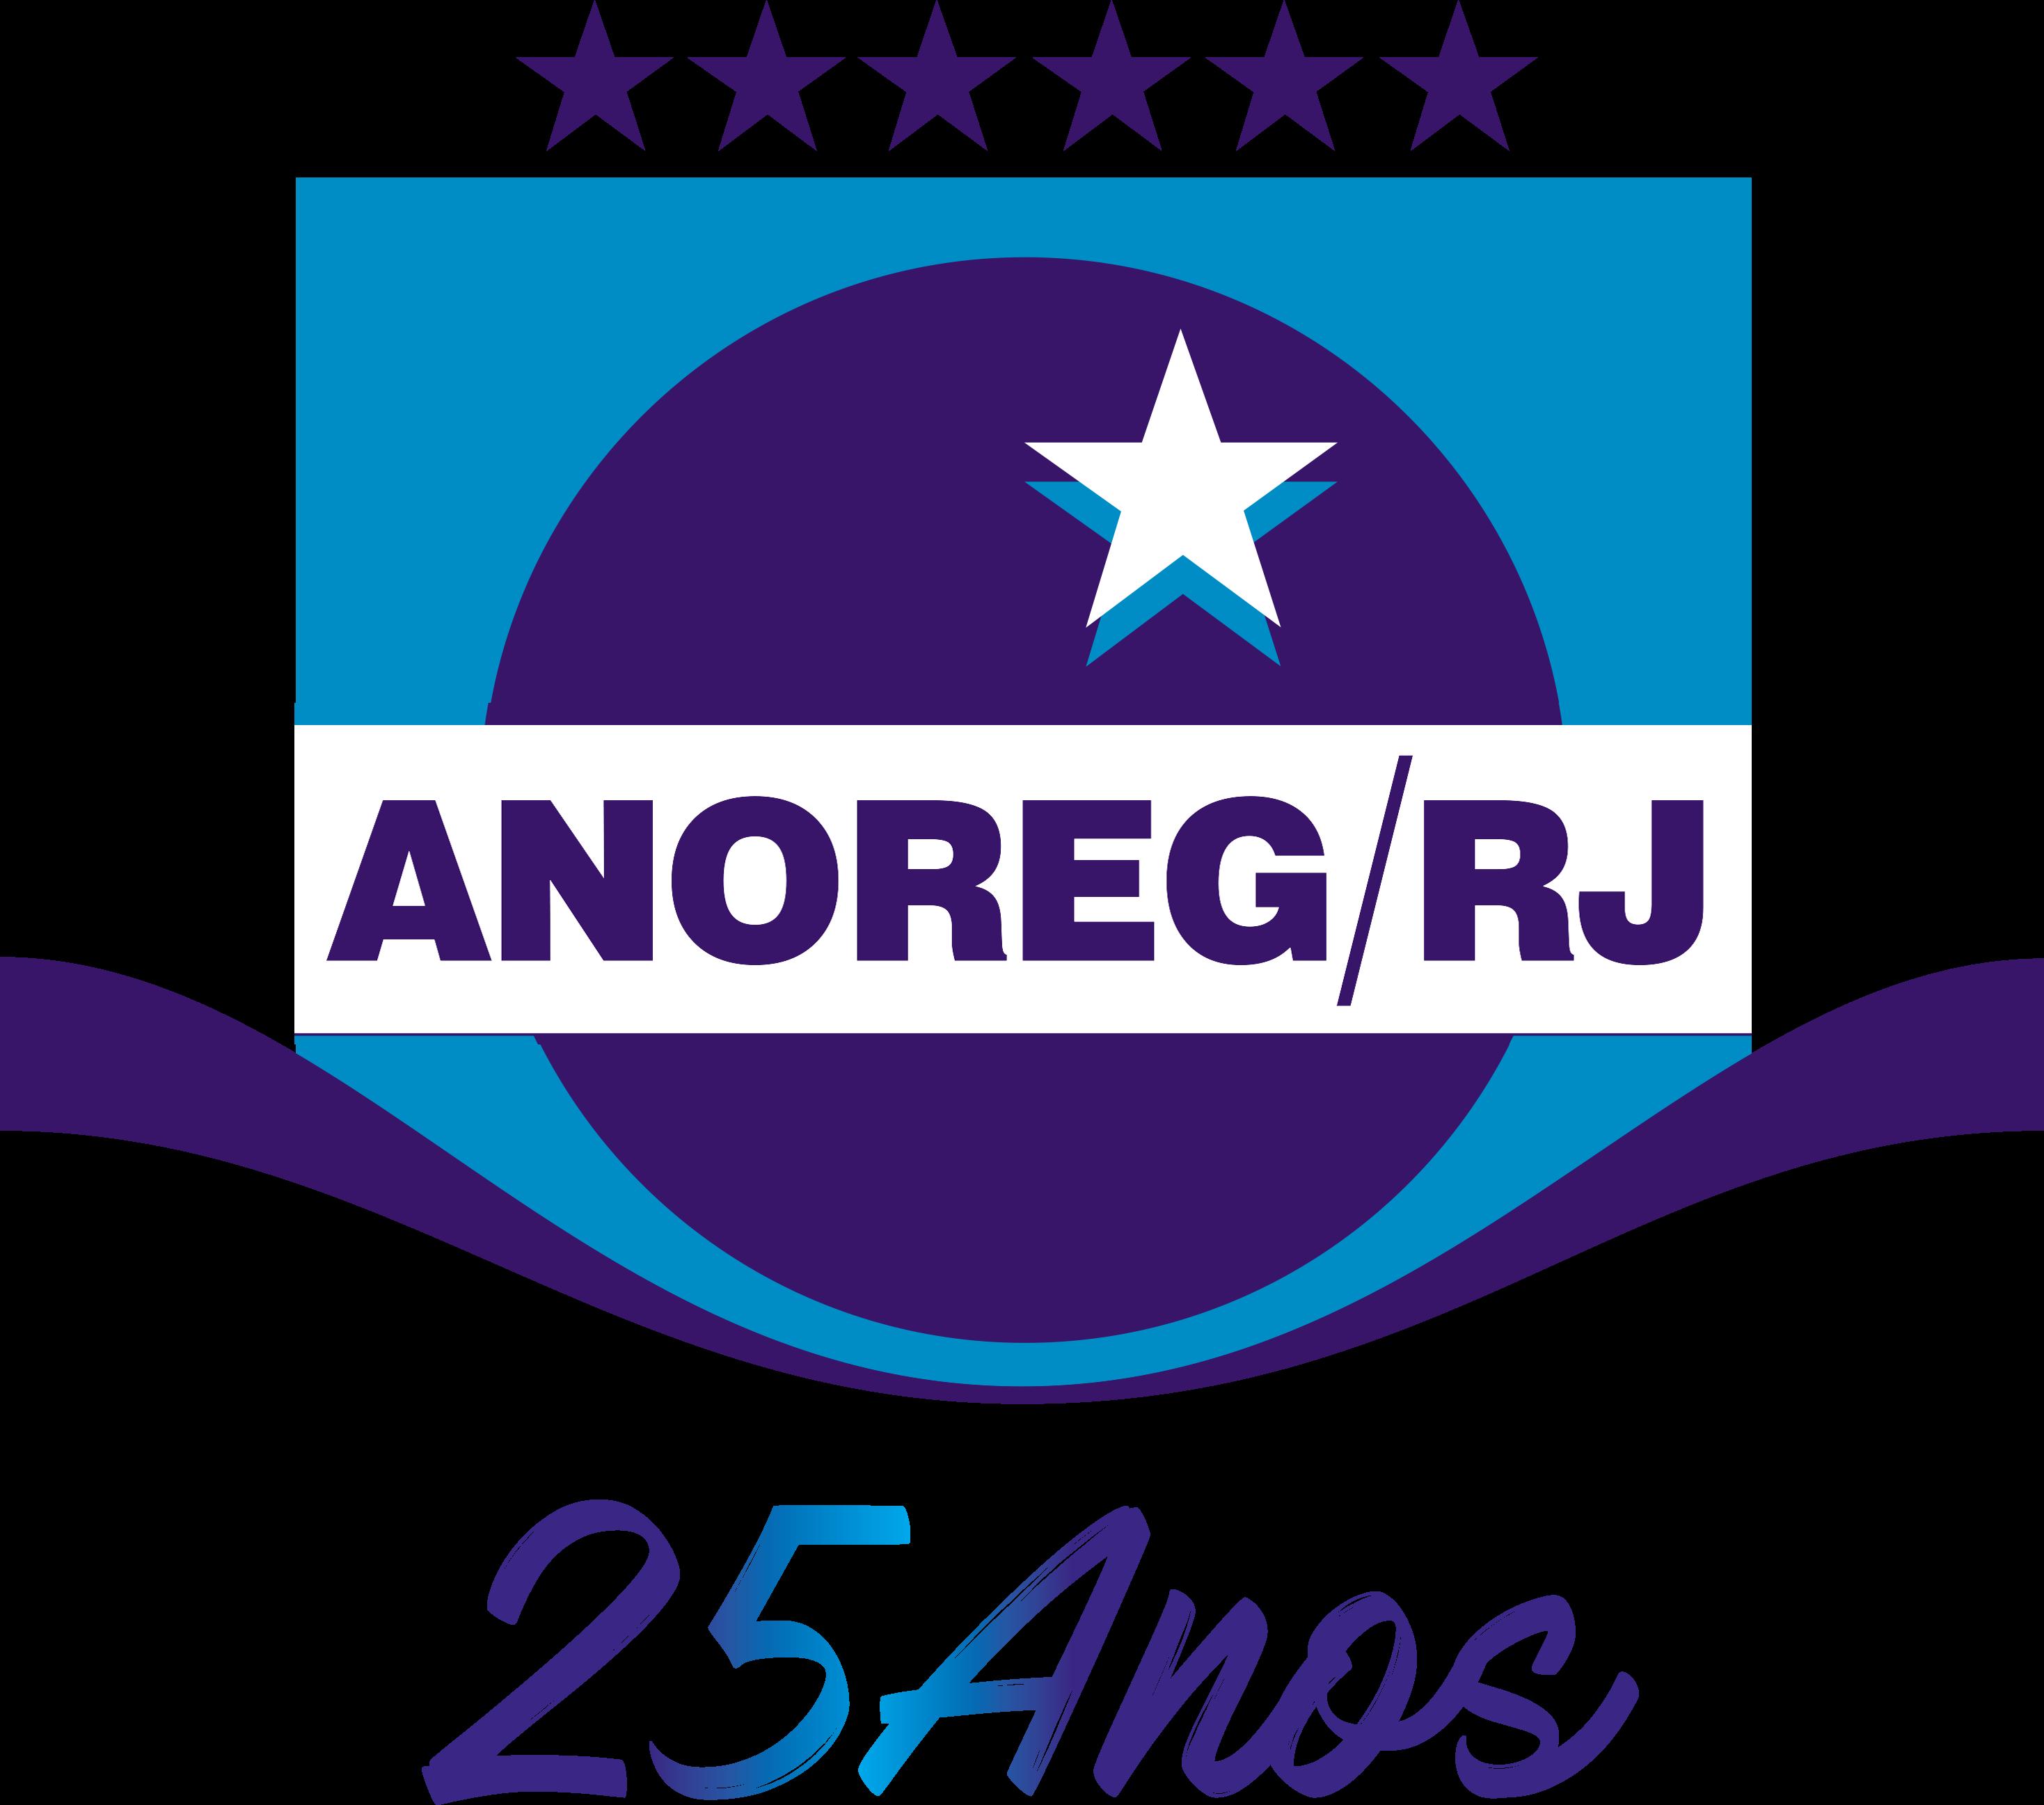 ANOREG-RJ